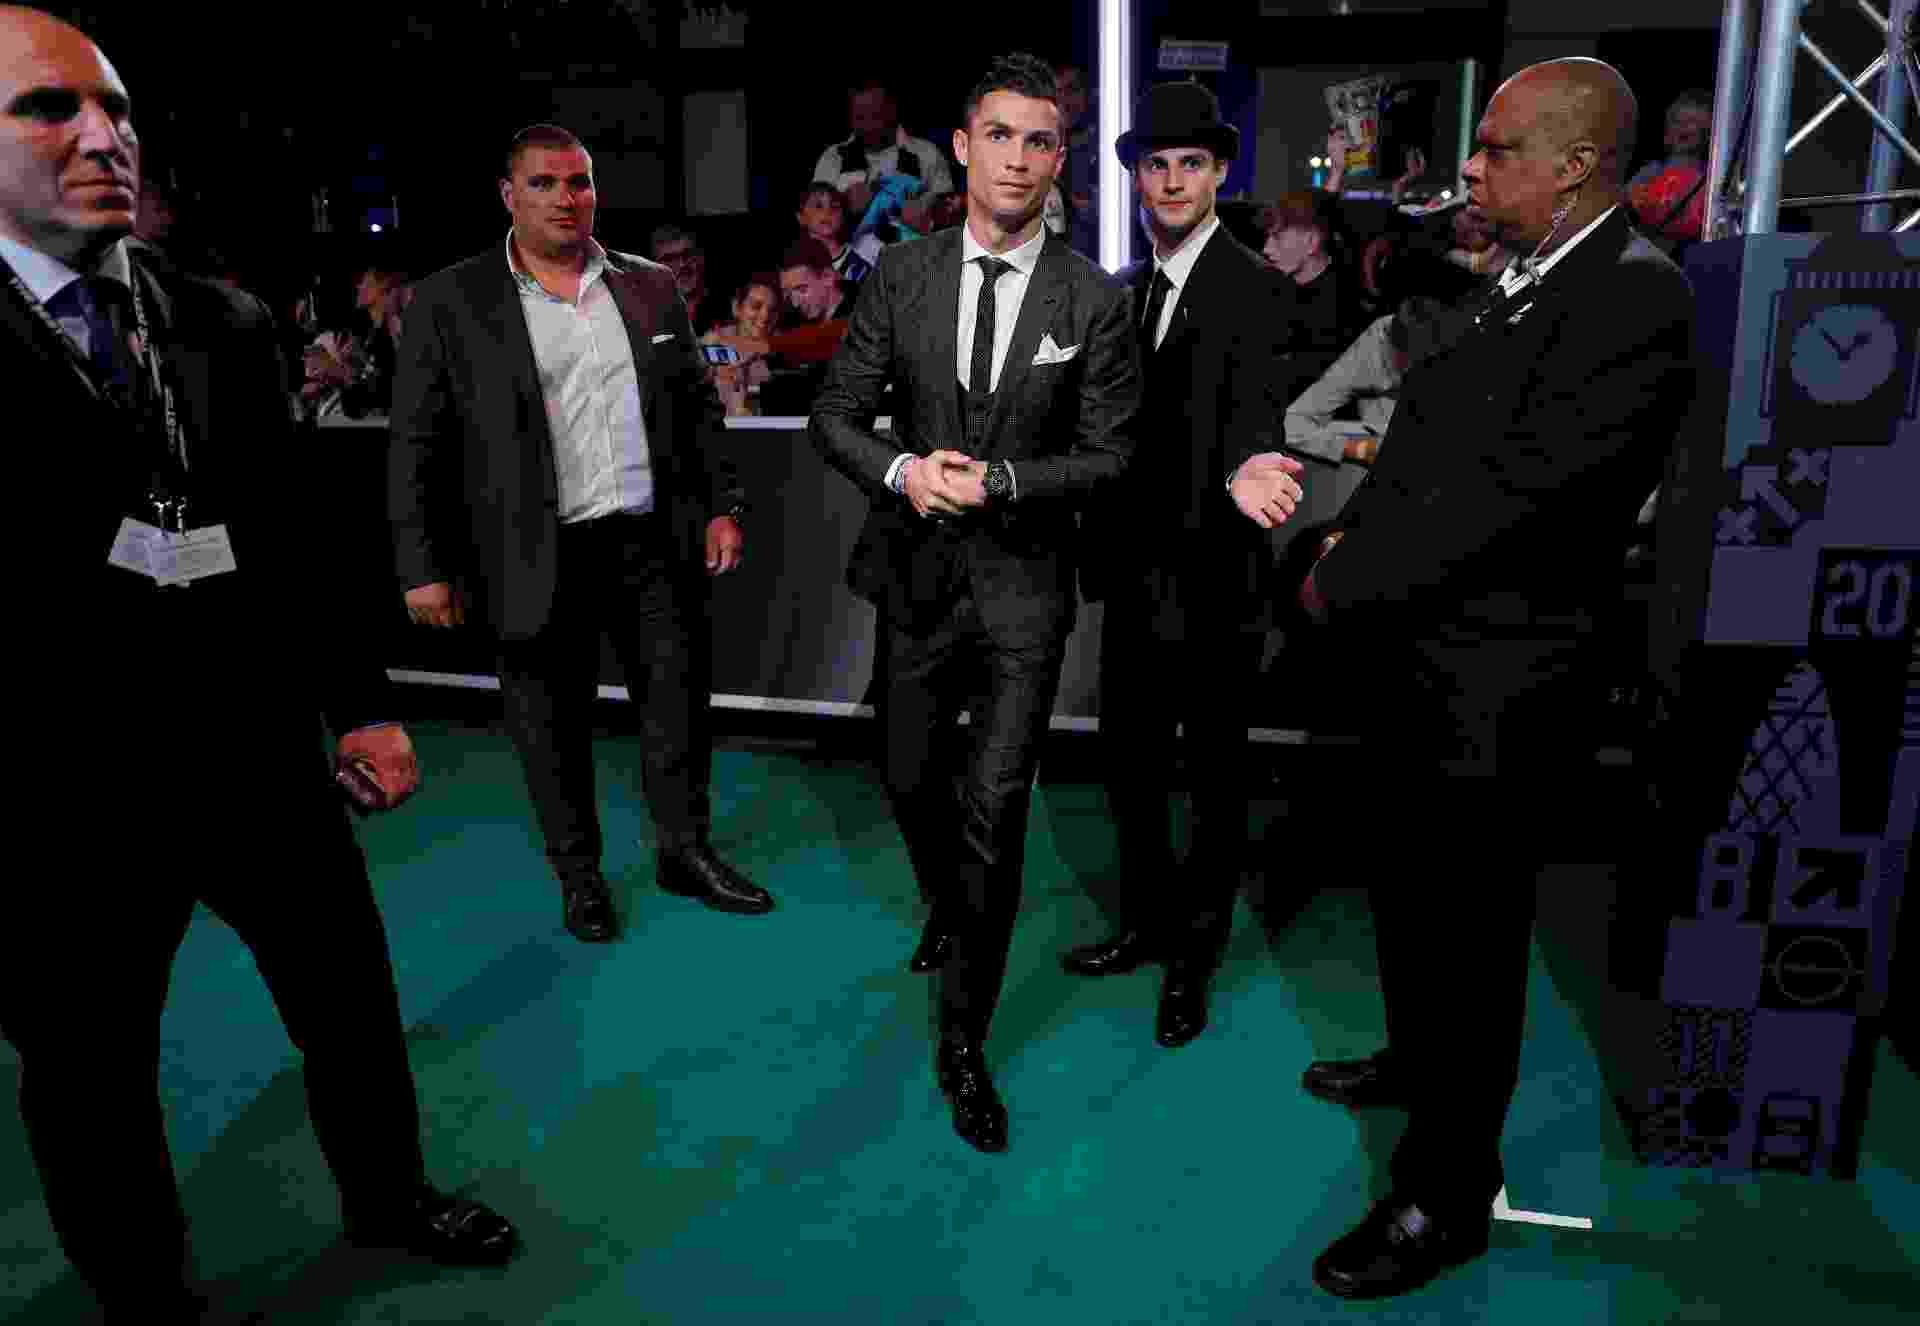 Cristiano Ronaldo antes do início da cerimônia de premiação dos melhores da Fifa - Eddie Keogh/Reuters